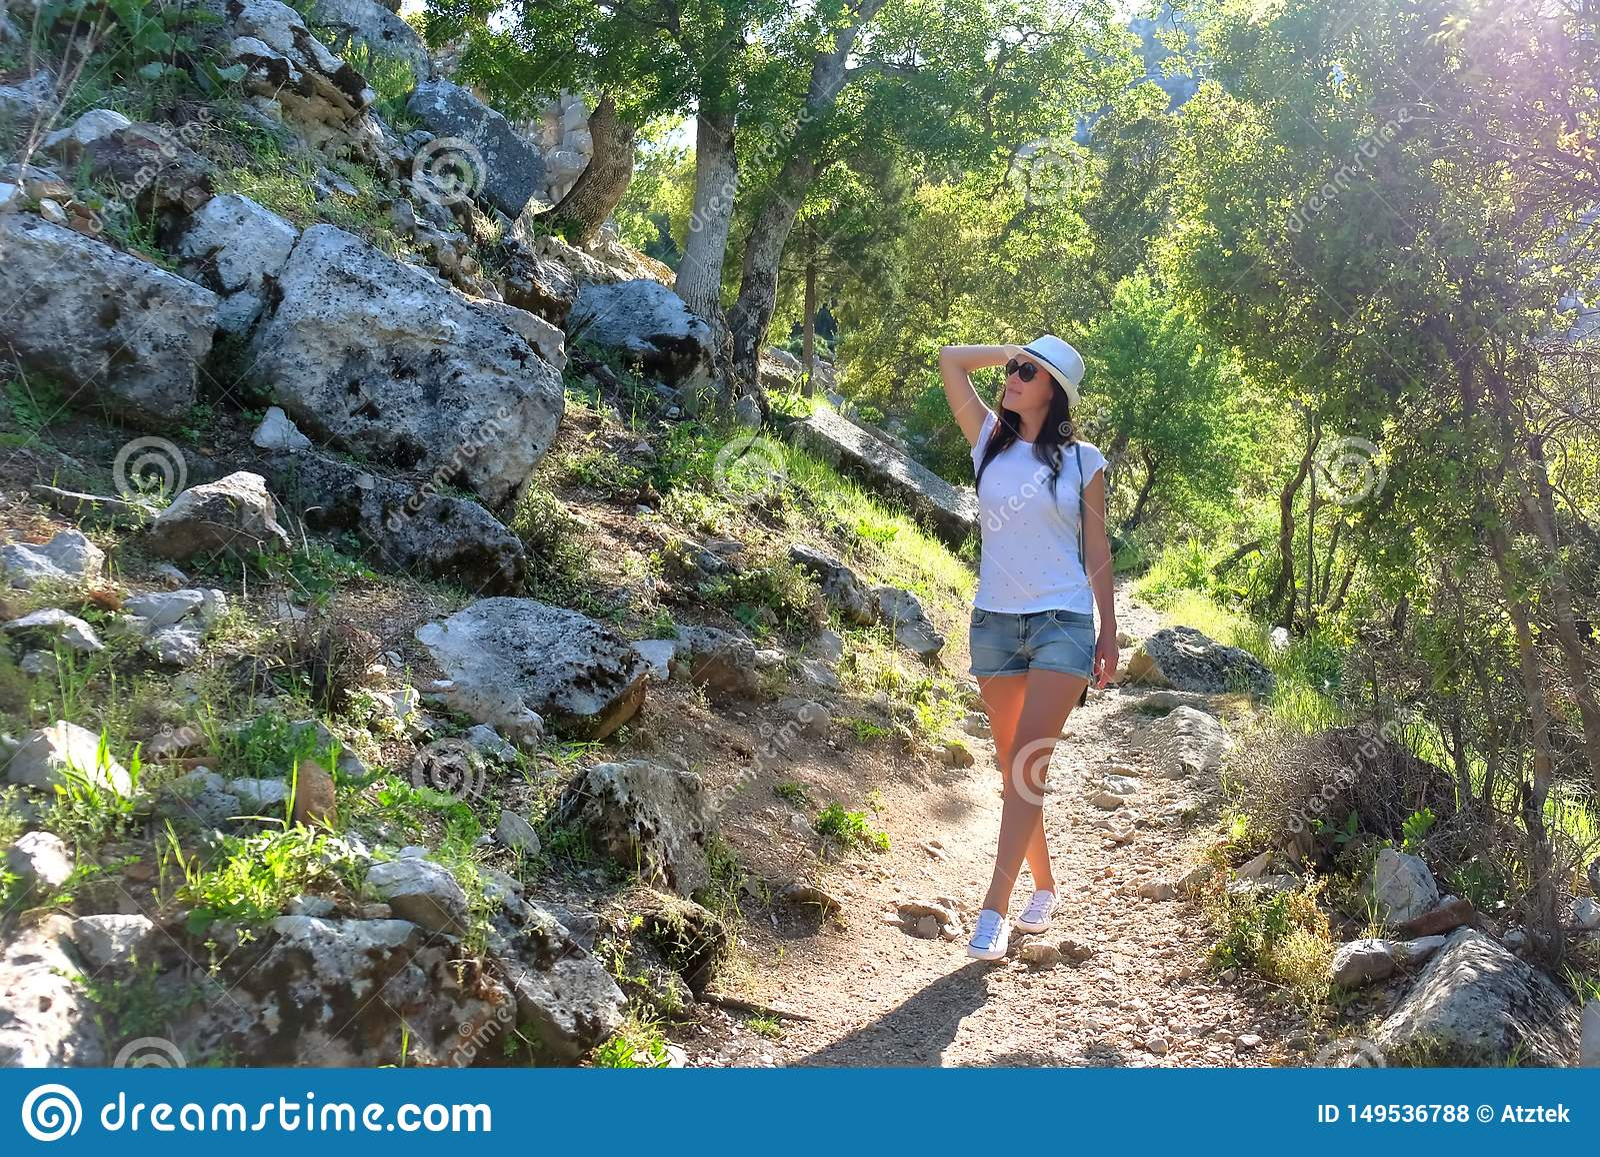 Turista da mo?a em um chap?u em uma caminhada em uma estrada de floresta da montanha, nas ru?nas da cidade antiga Termessos nos r